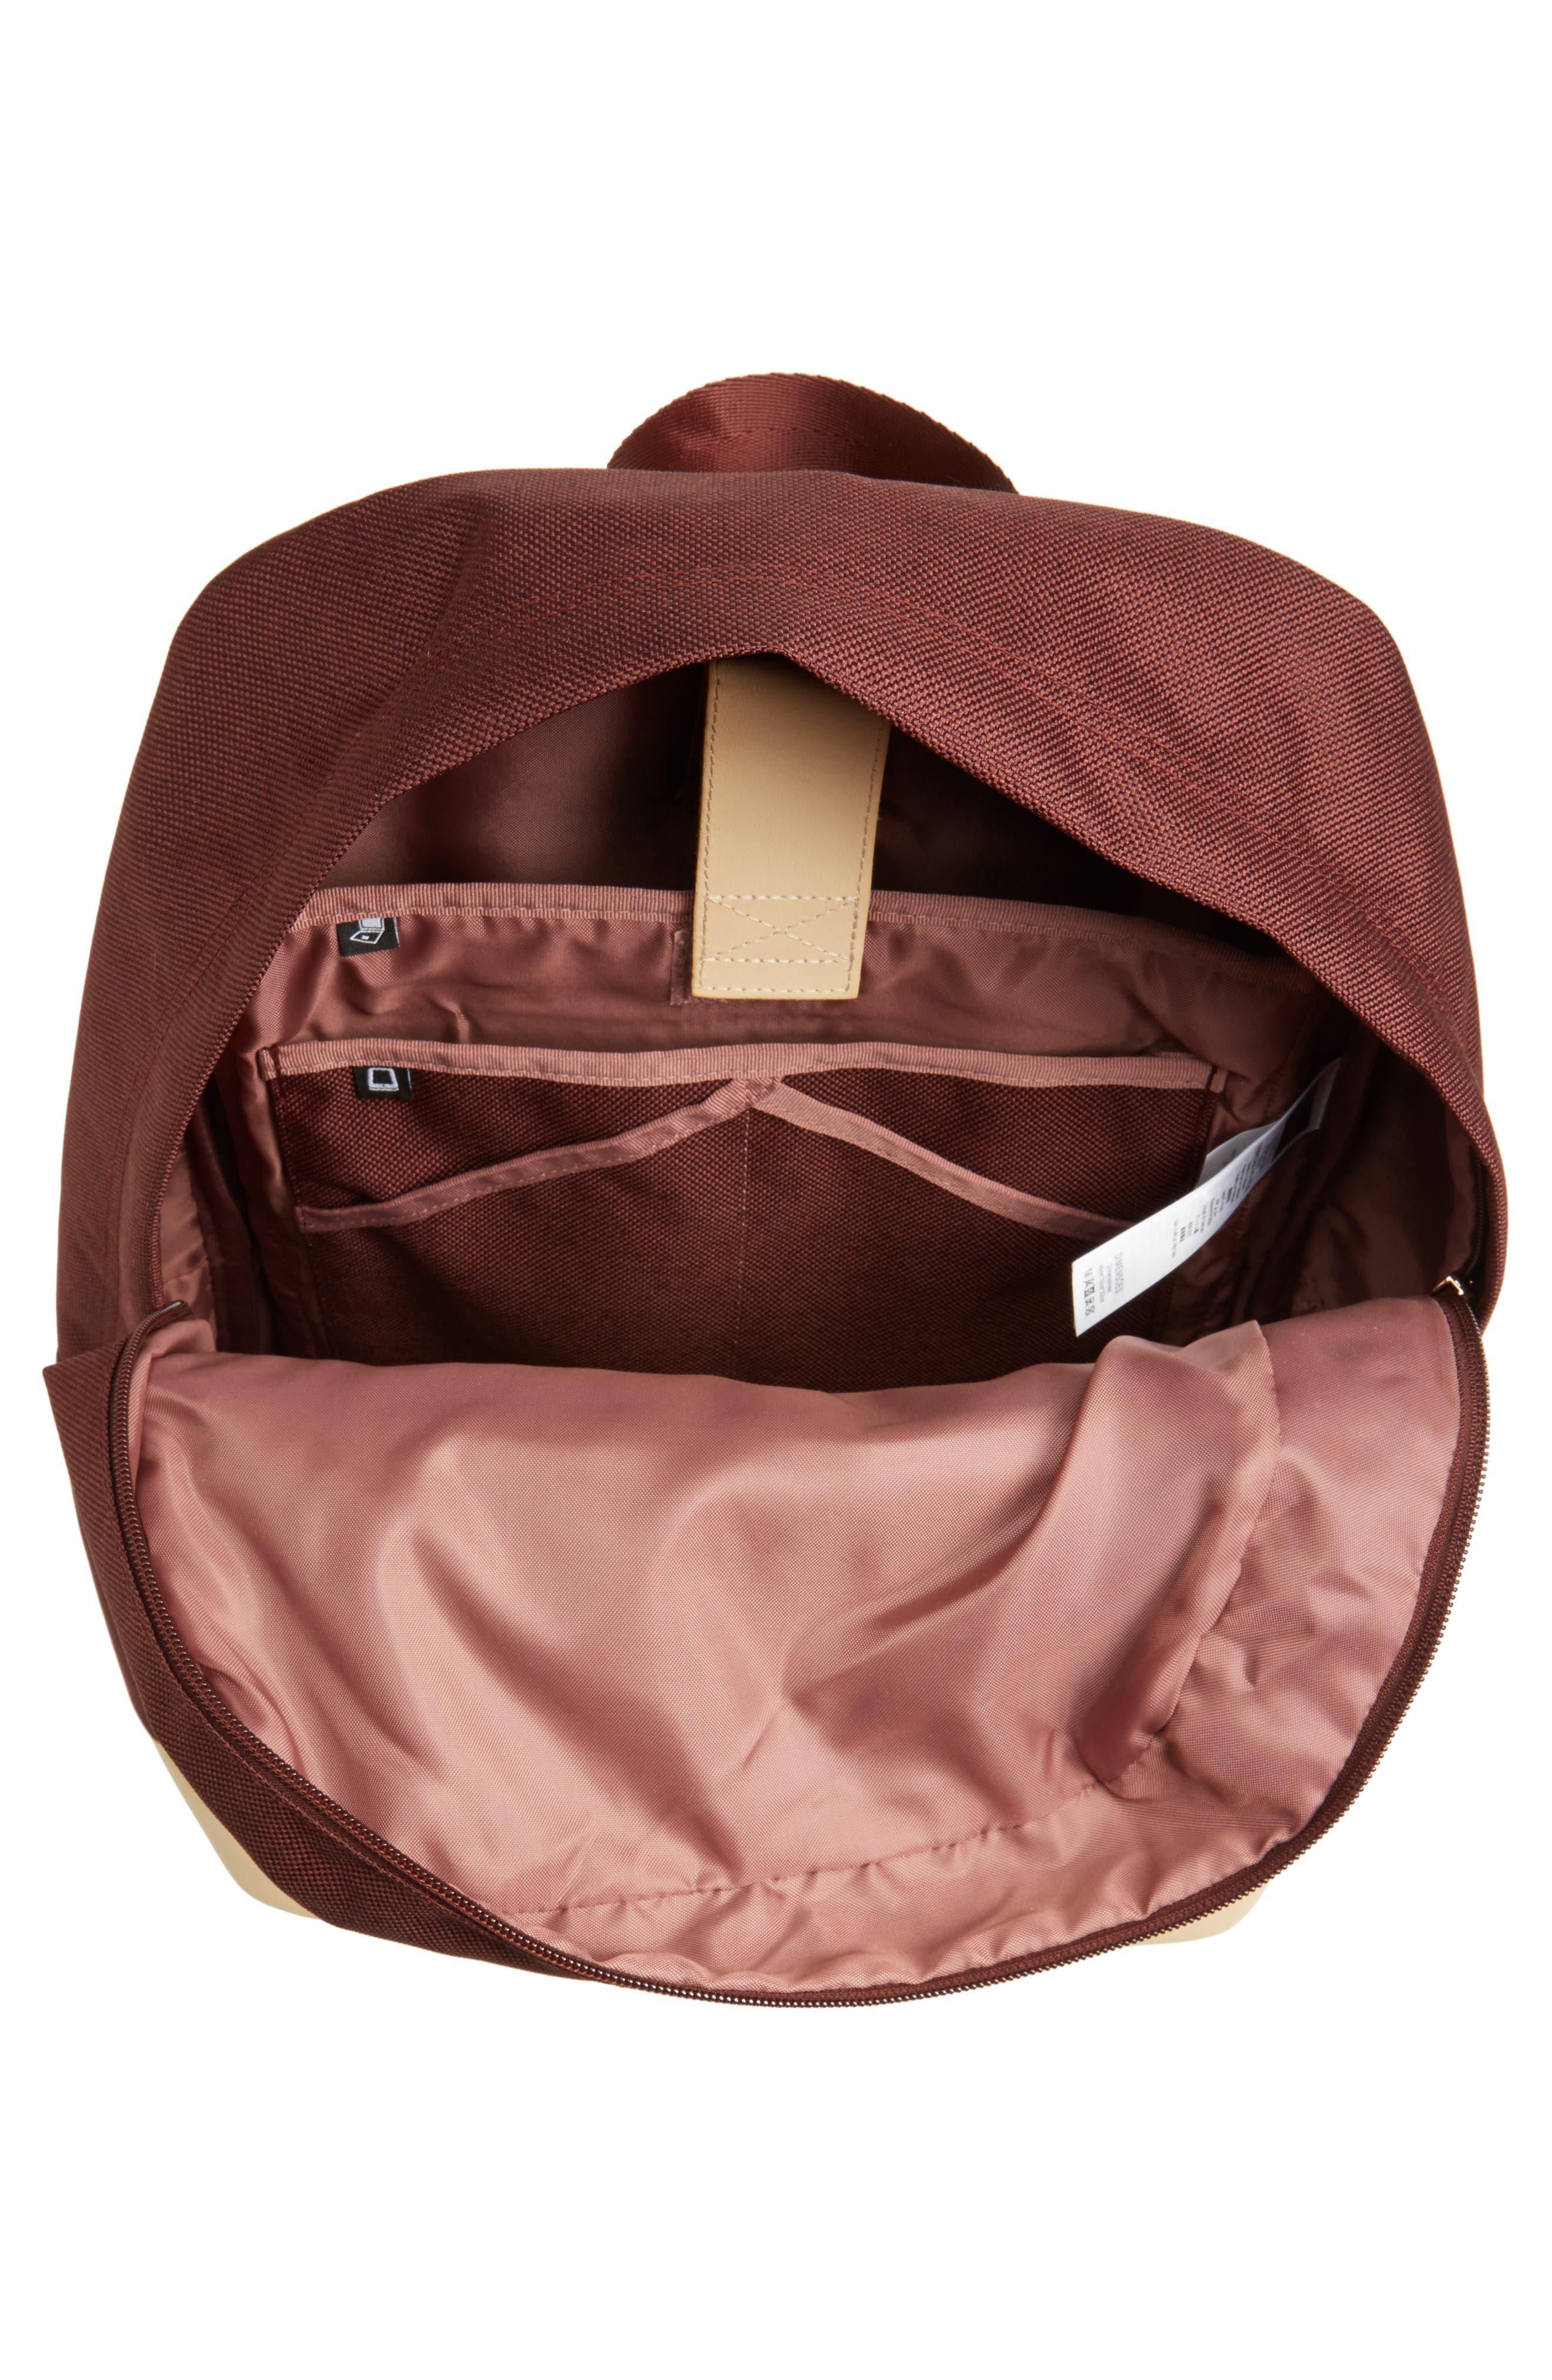 Red Rocks Axiom Backpack,                             Alternate thumbnail 4, color,                             Maroon Tweed